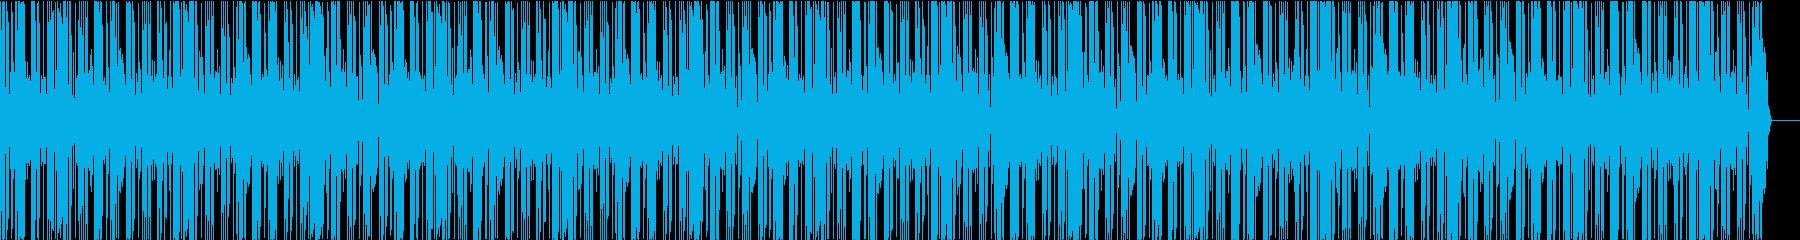 毒沼・遺跡・ダンジョン・探検・調査隊の再生済みの波形